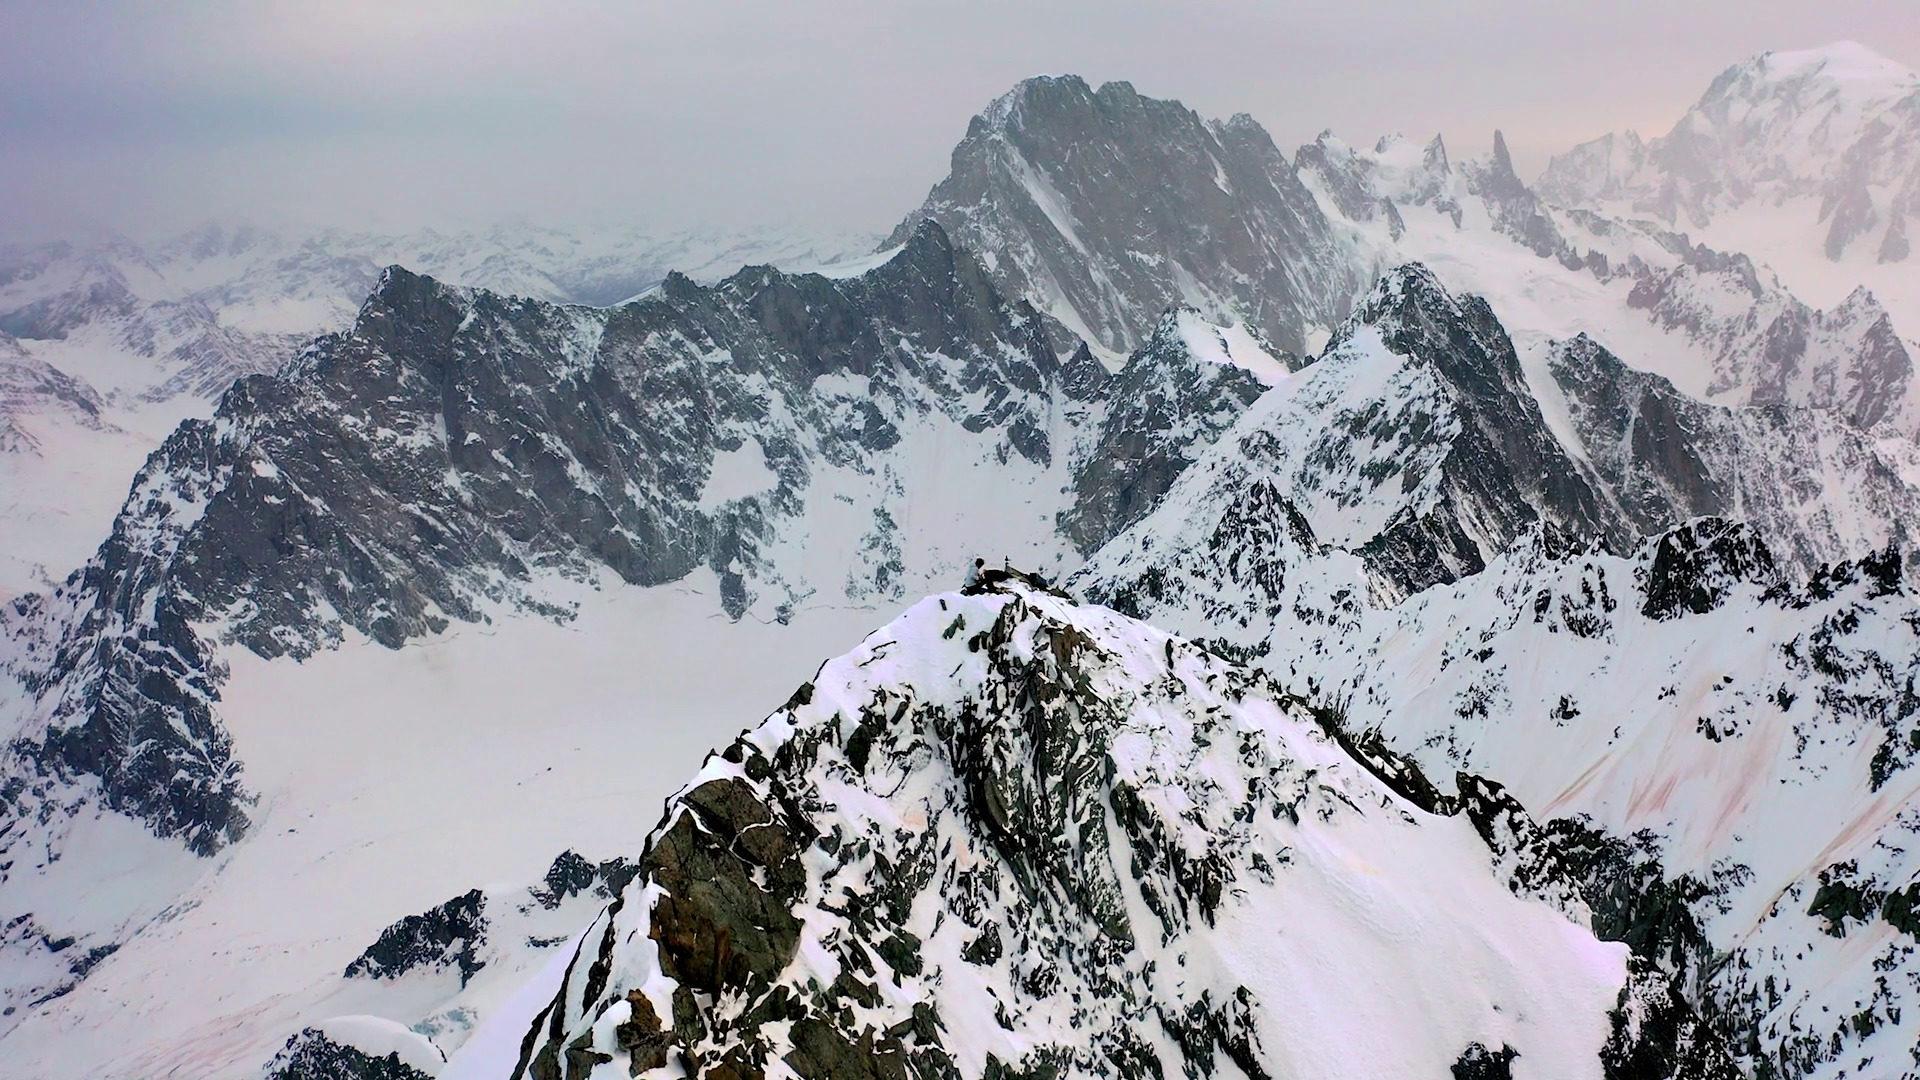 Aiguille triolet Alpes Kwoon  Sandy Lavallart